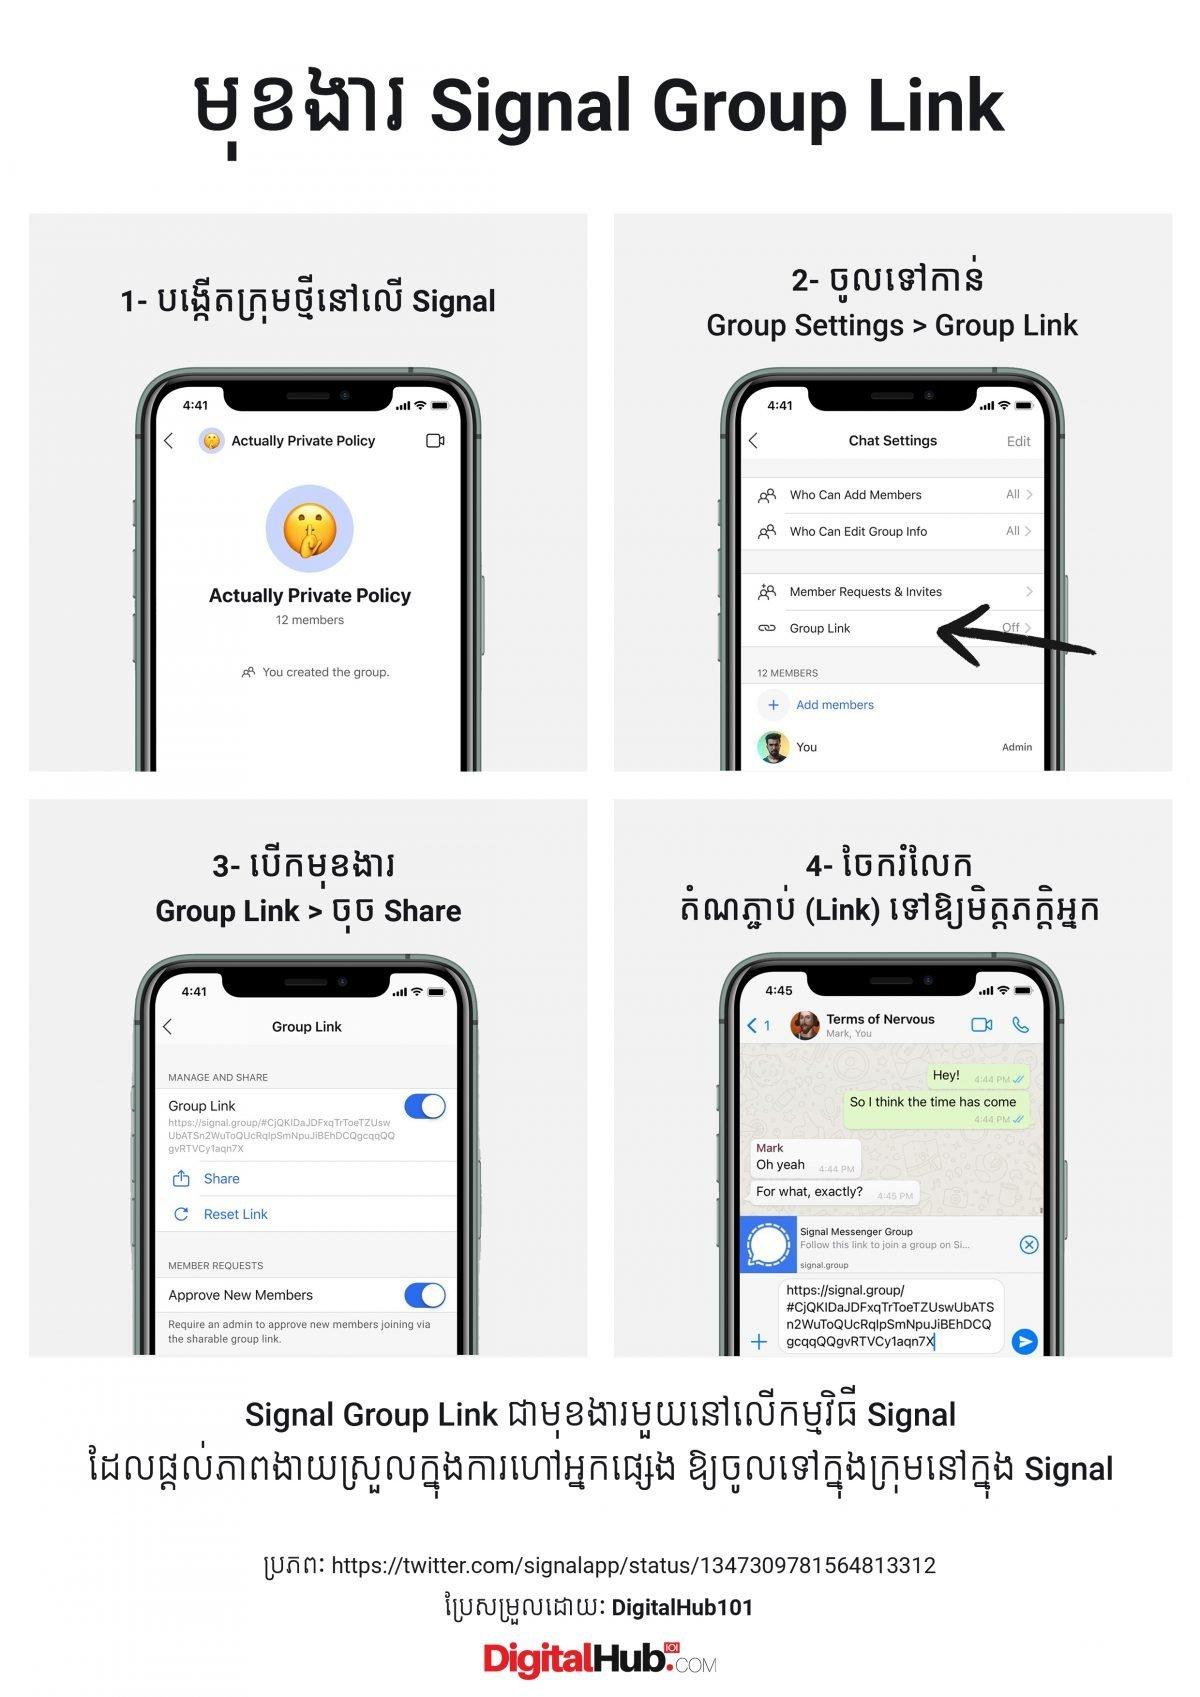 មុខងារ Signal Group Link